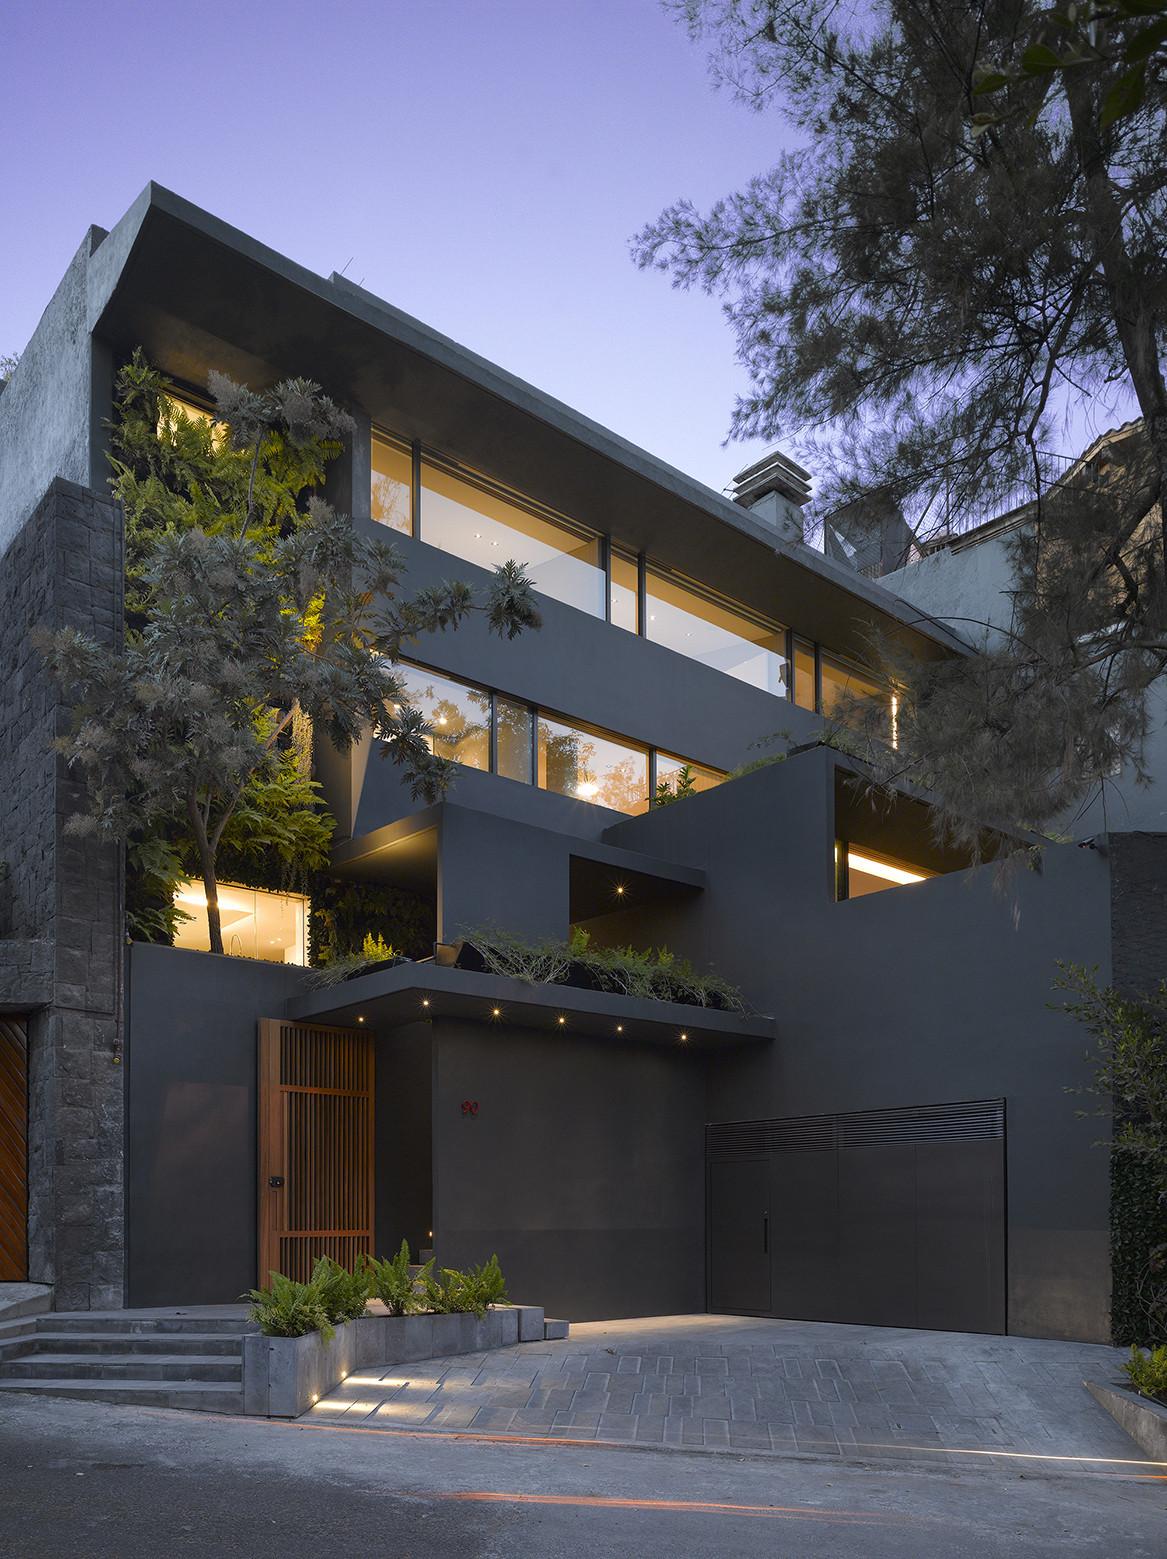 Galer a de casa barrancas ezequielfarca arquitectura y - Diseno y arquitectura ...